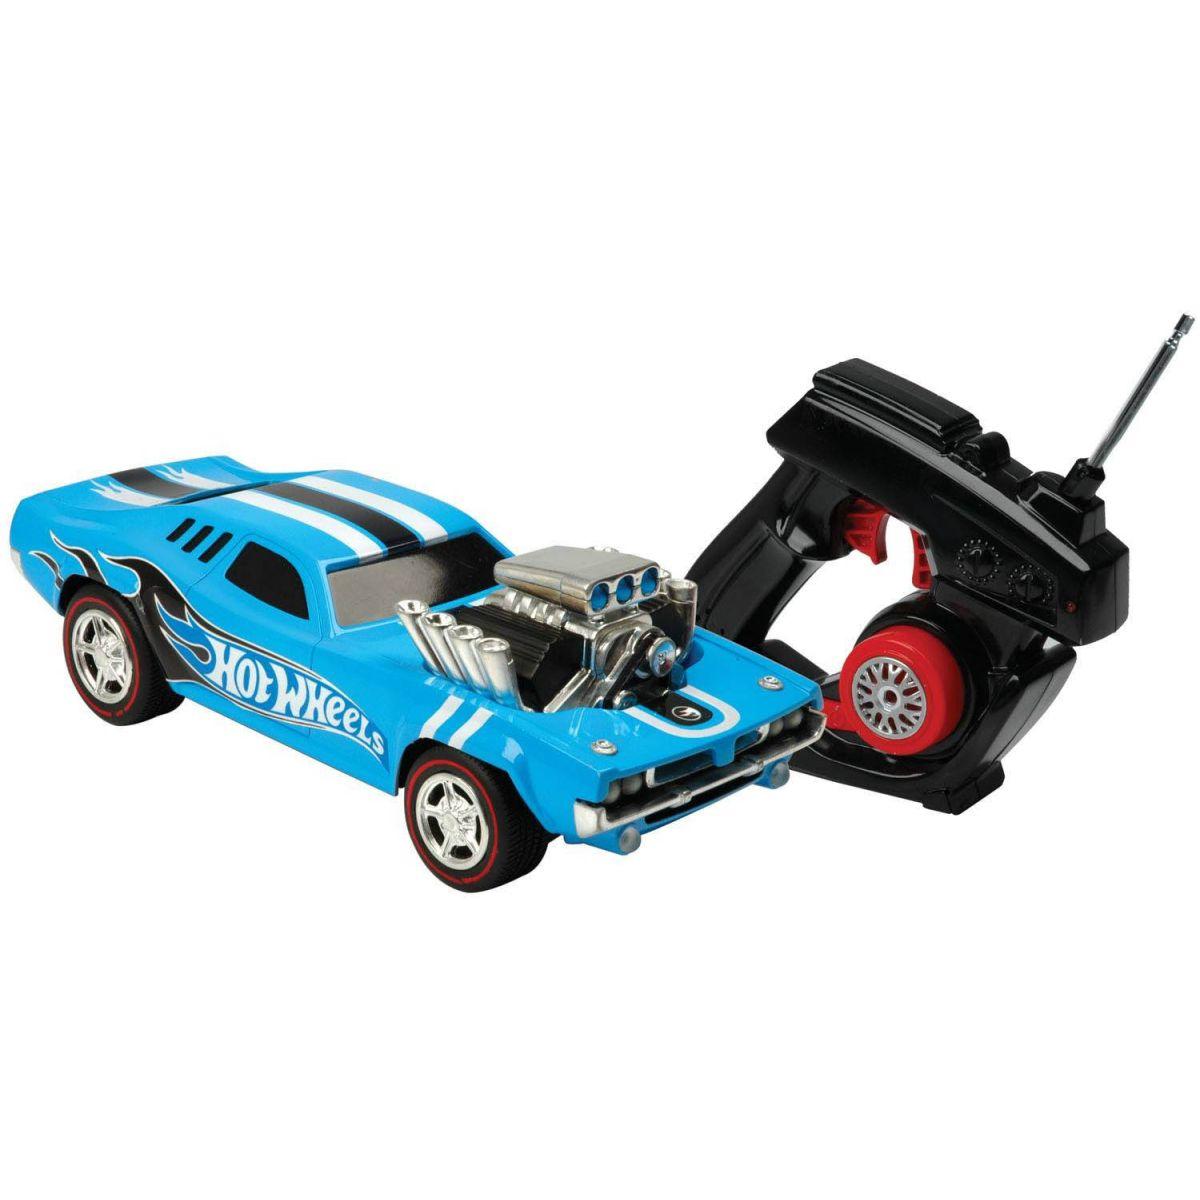 Carro com Controle Remoto Rodger Dodger Hot Wheels - Candide